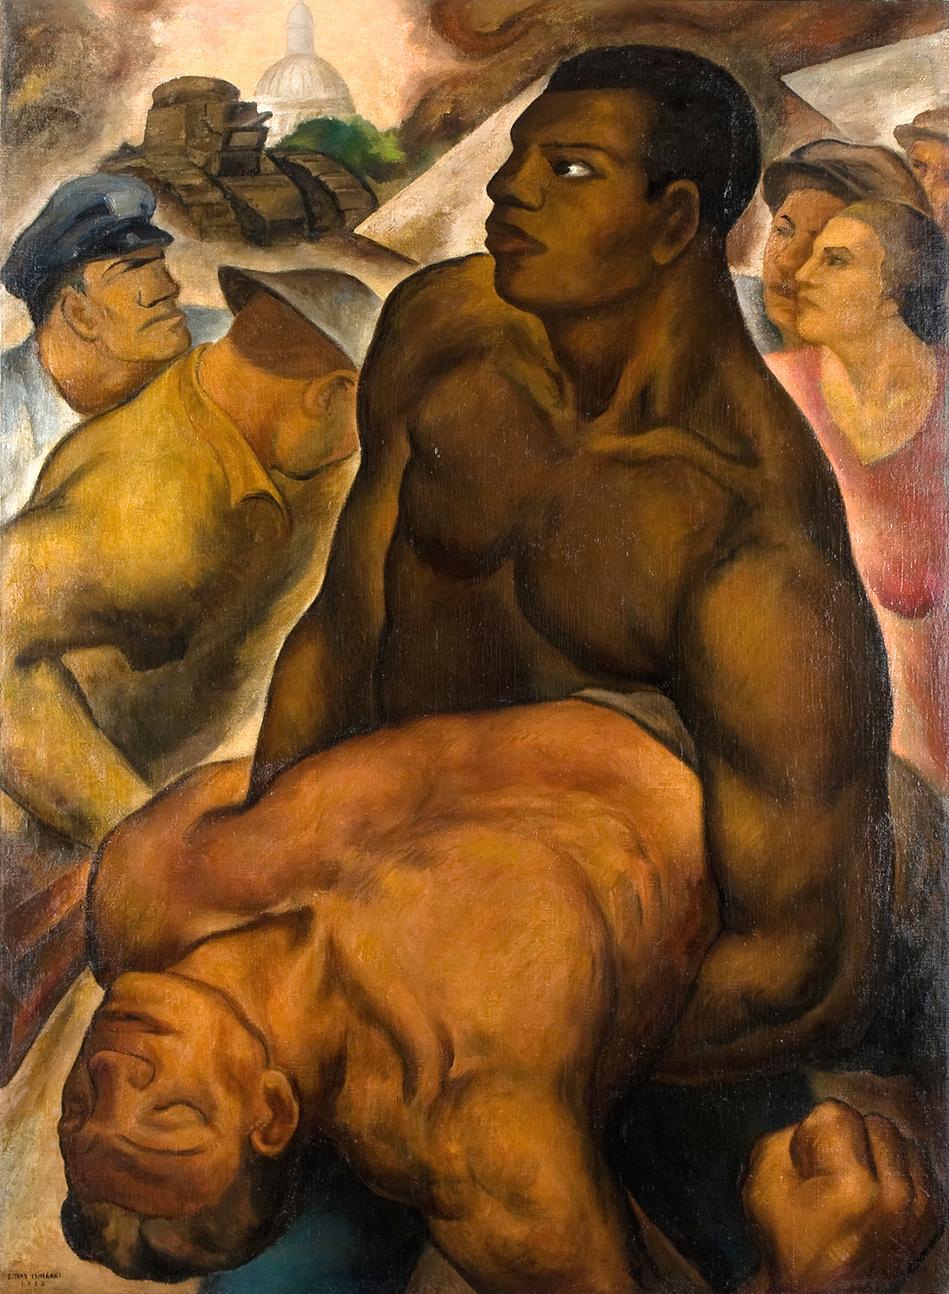 石垣栄太郎《ボーナス・マーチ》1932年 和歌山県立近代美術館蔵